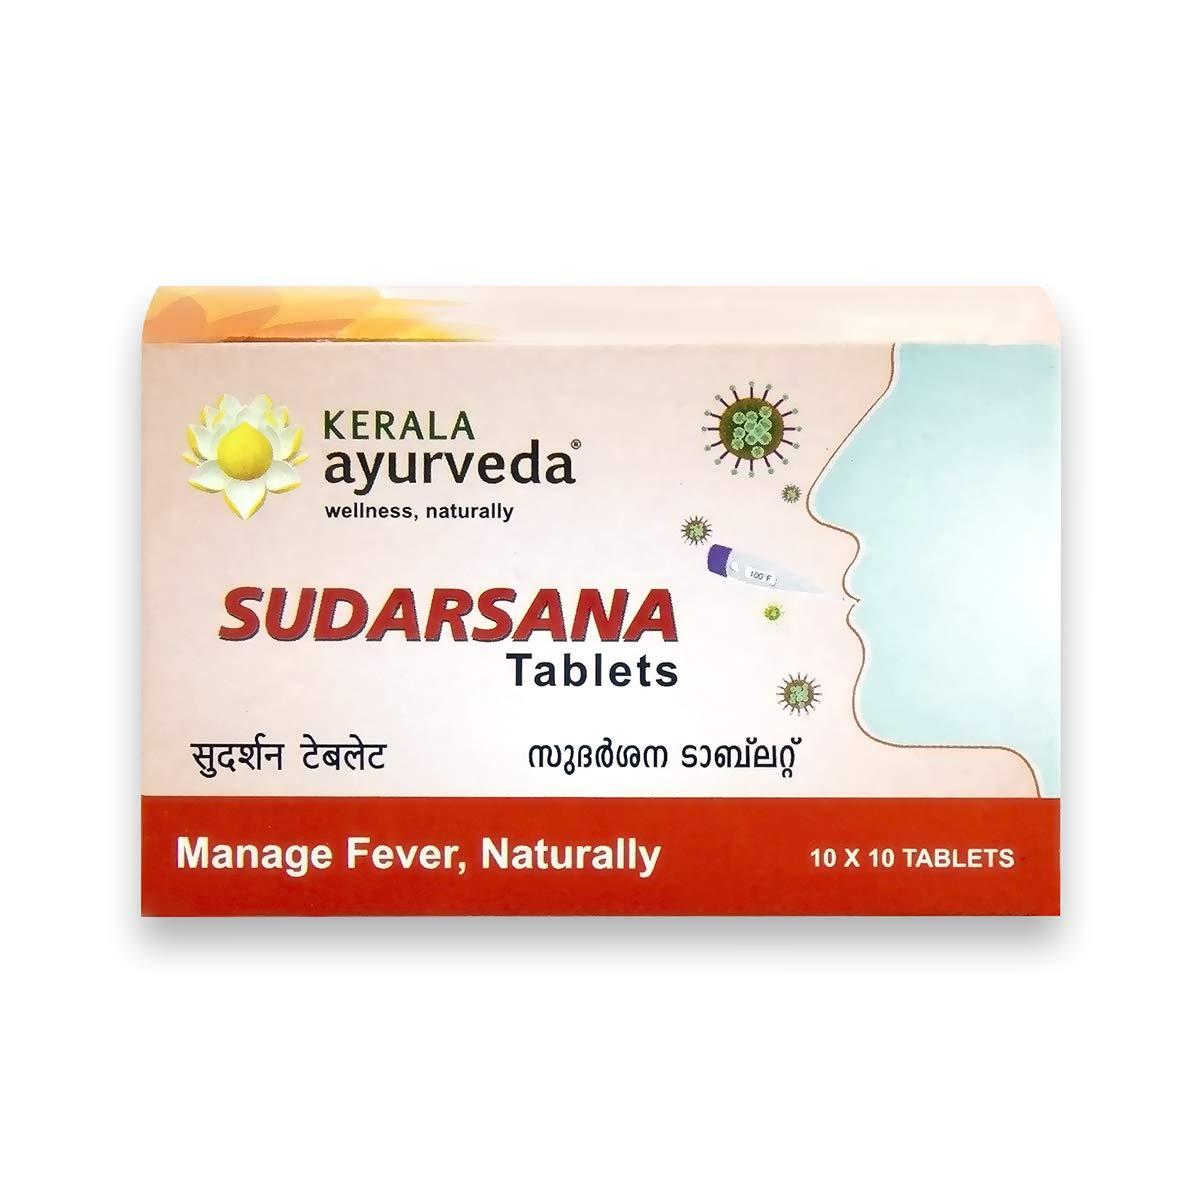 Kerala Ayurveda Sudarsana Tablet - 100 Tablets